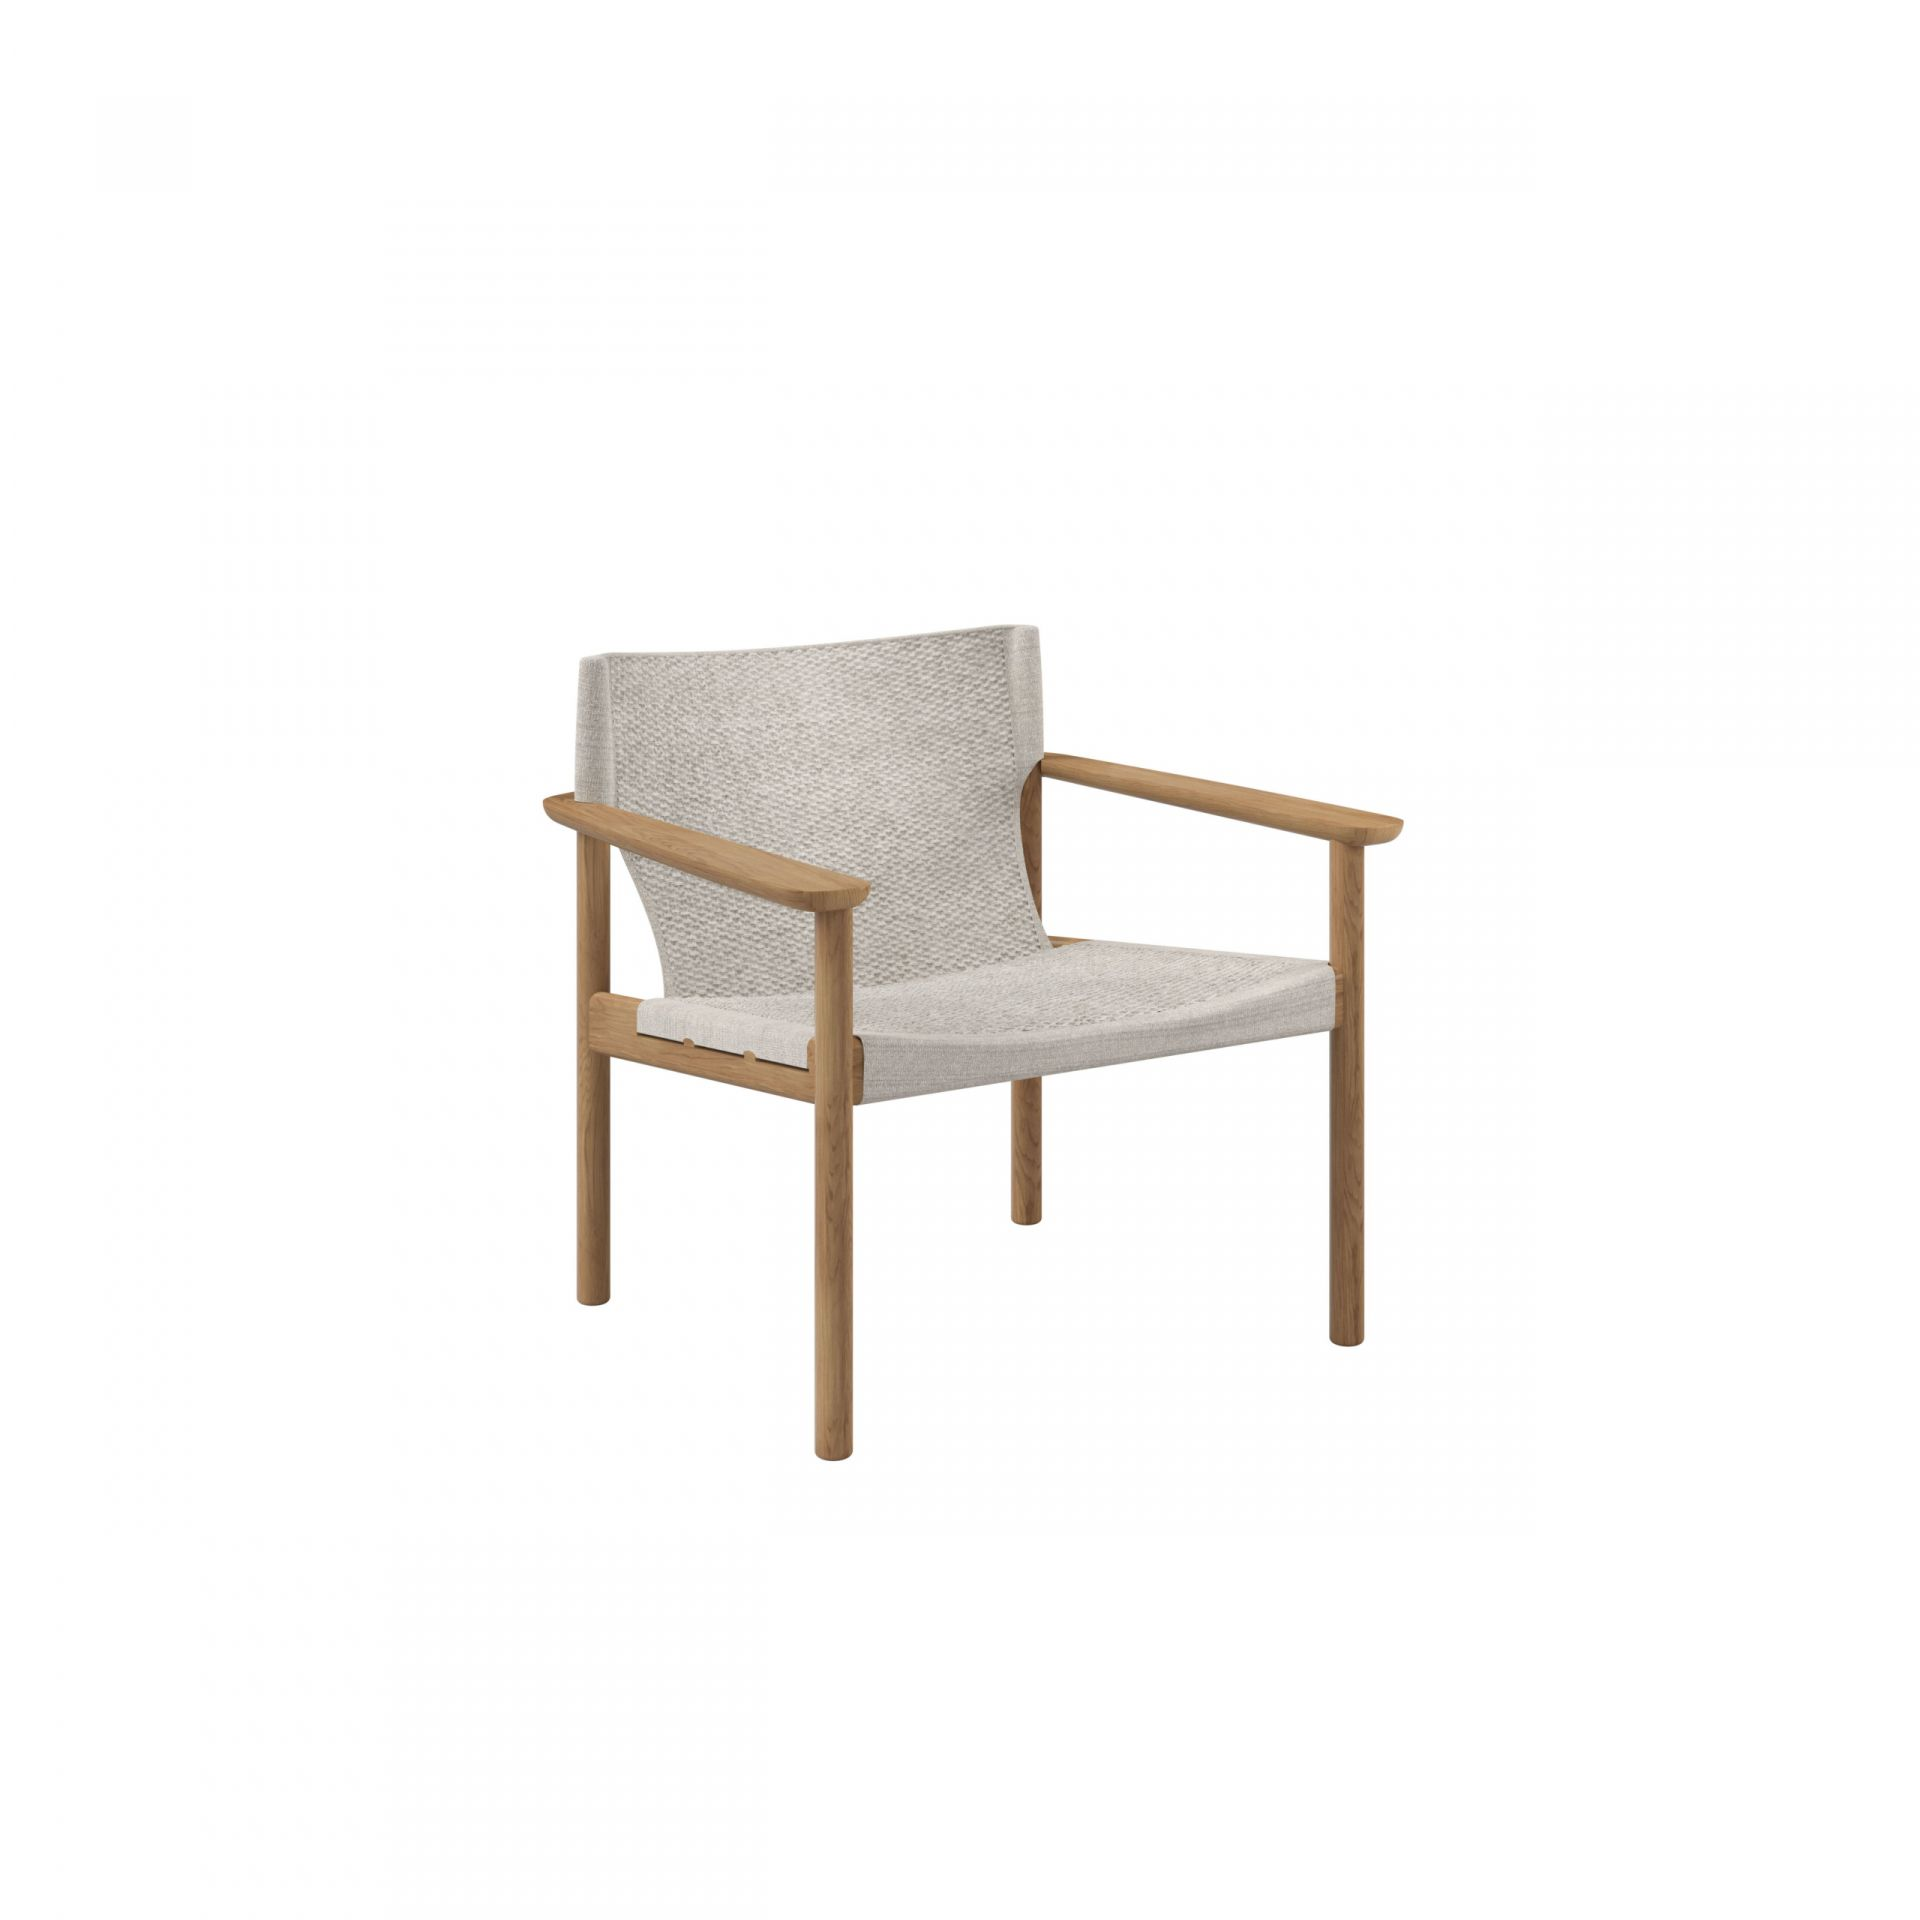 Evo Lounge chair